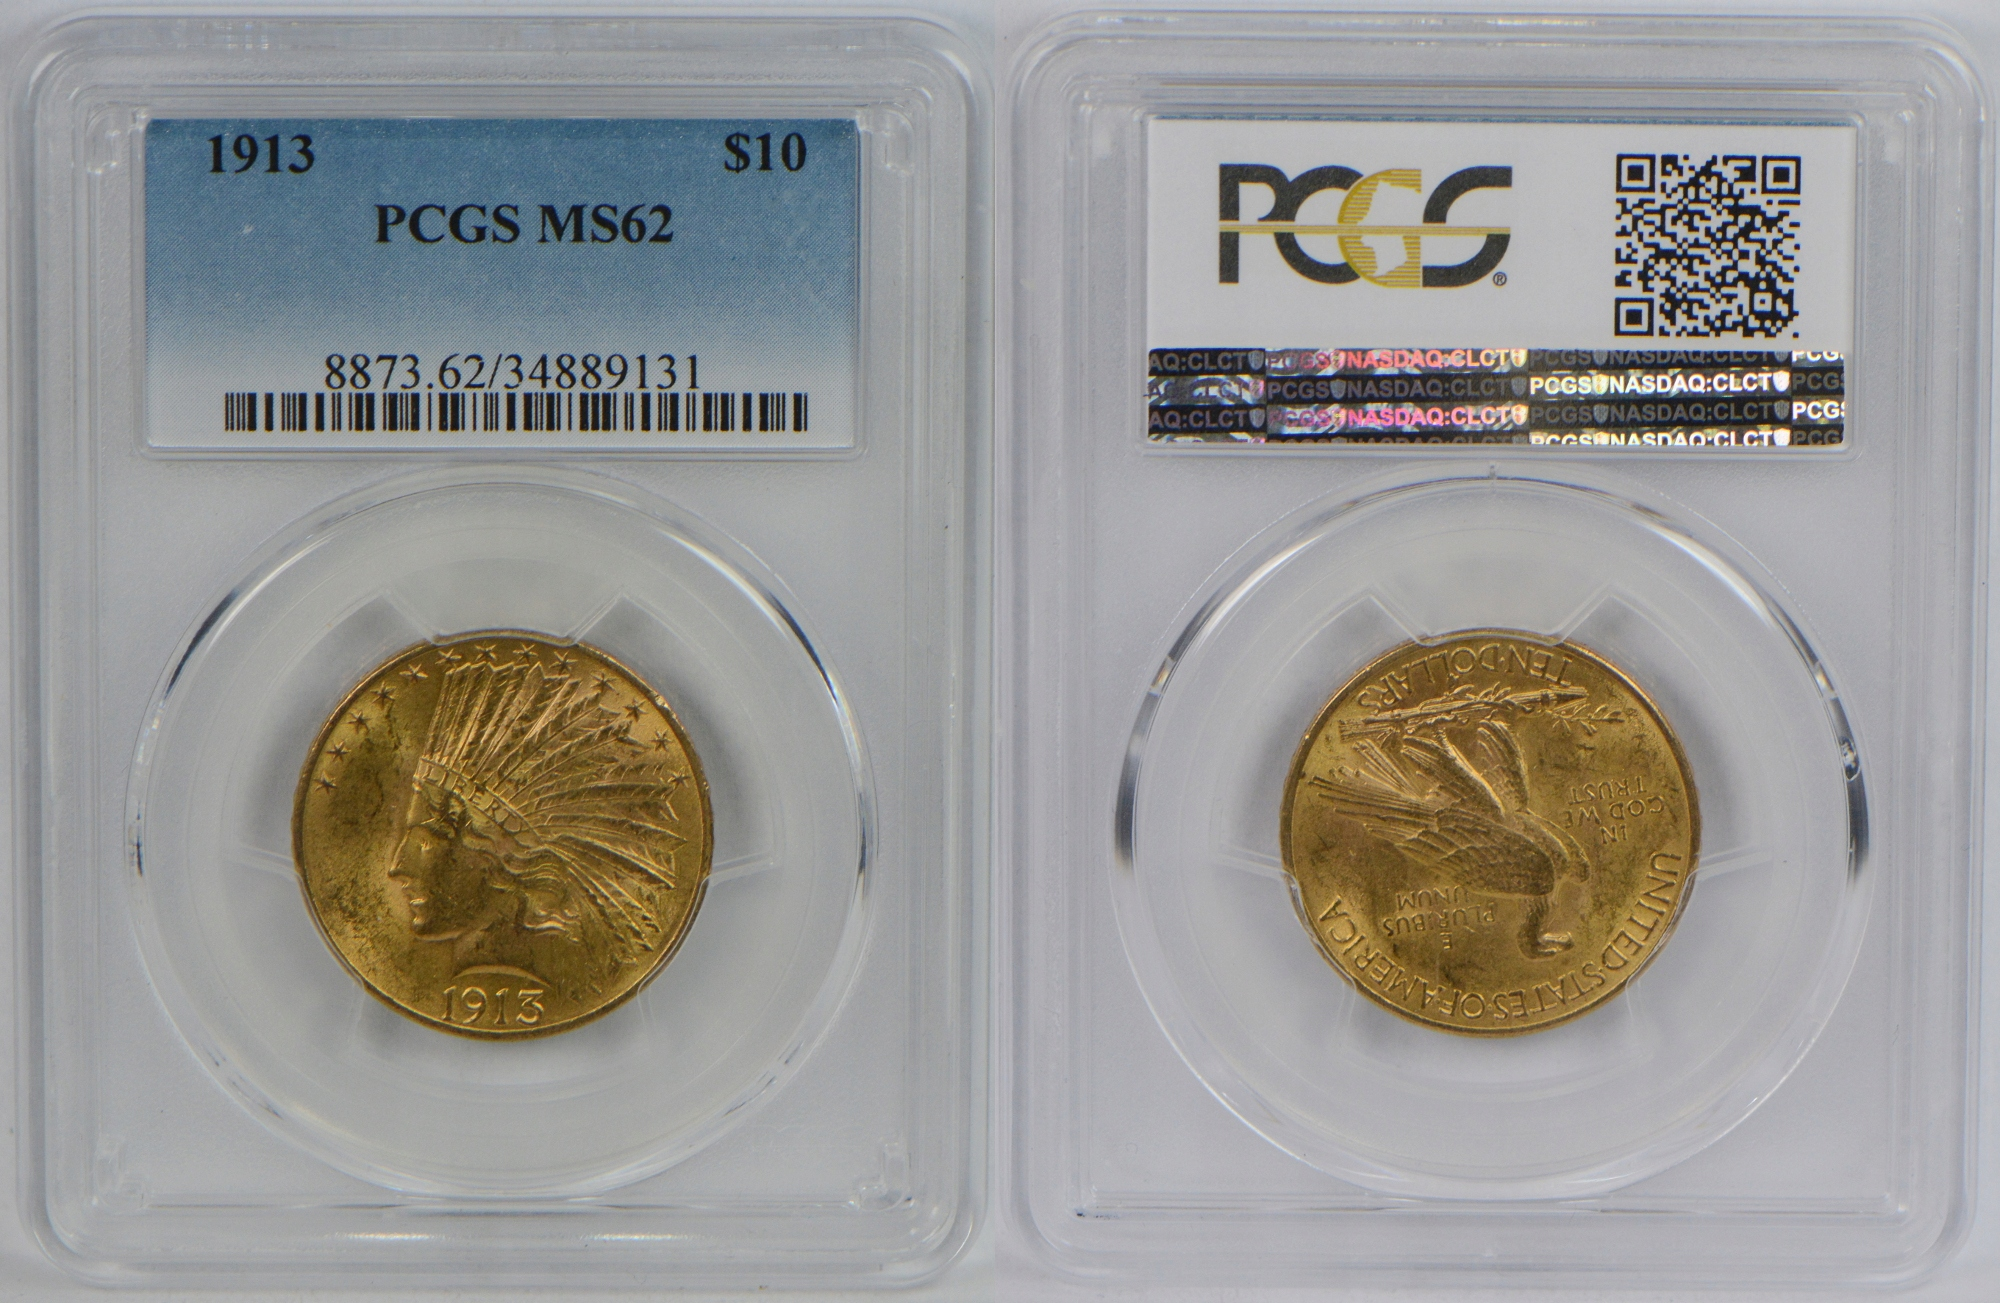 USA 10 DOLARÓW 1913 ZŁOTO PCGS MS62 21.01